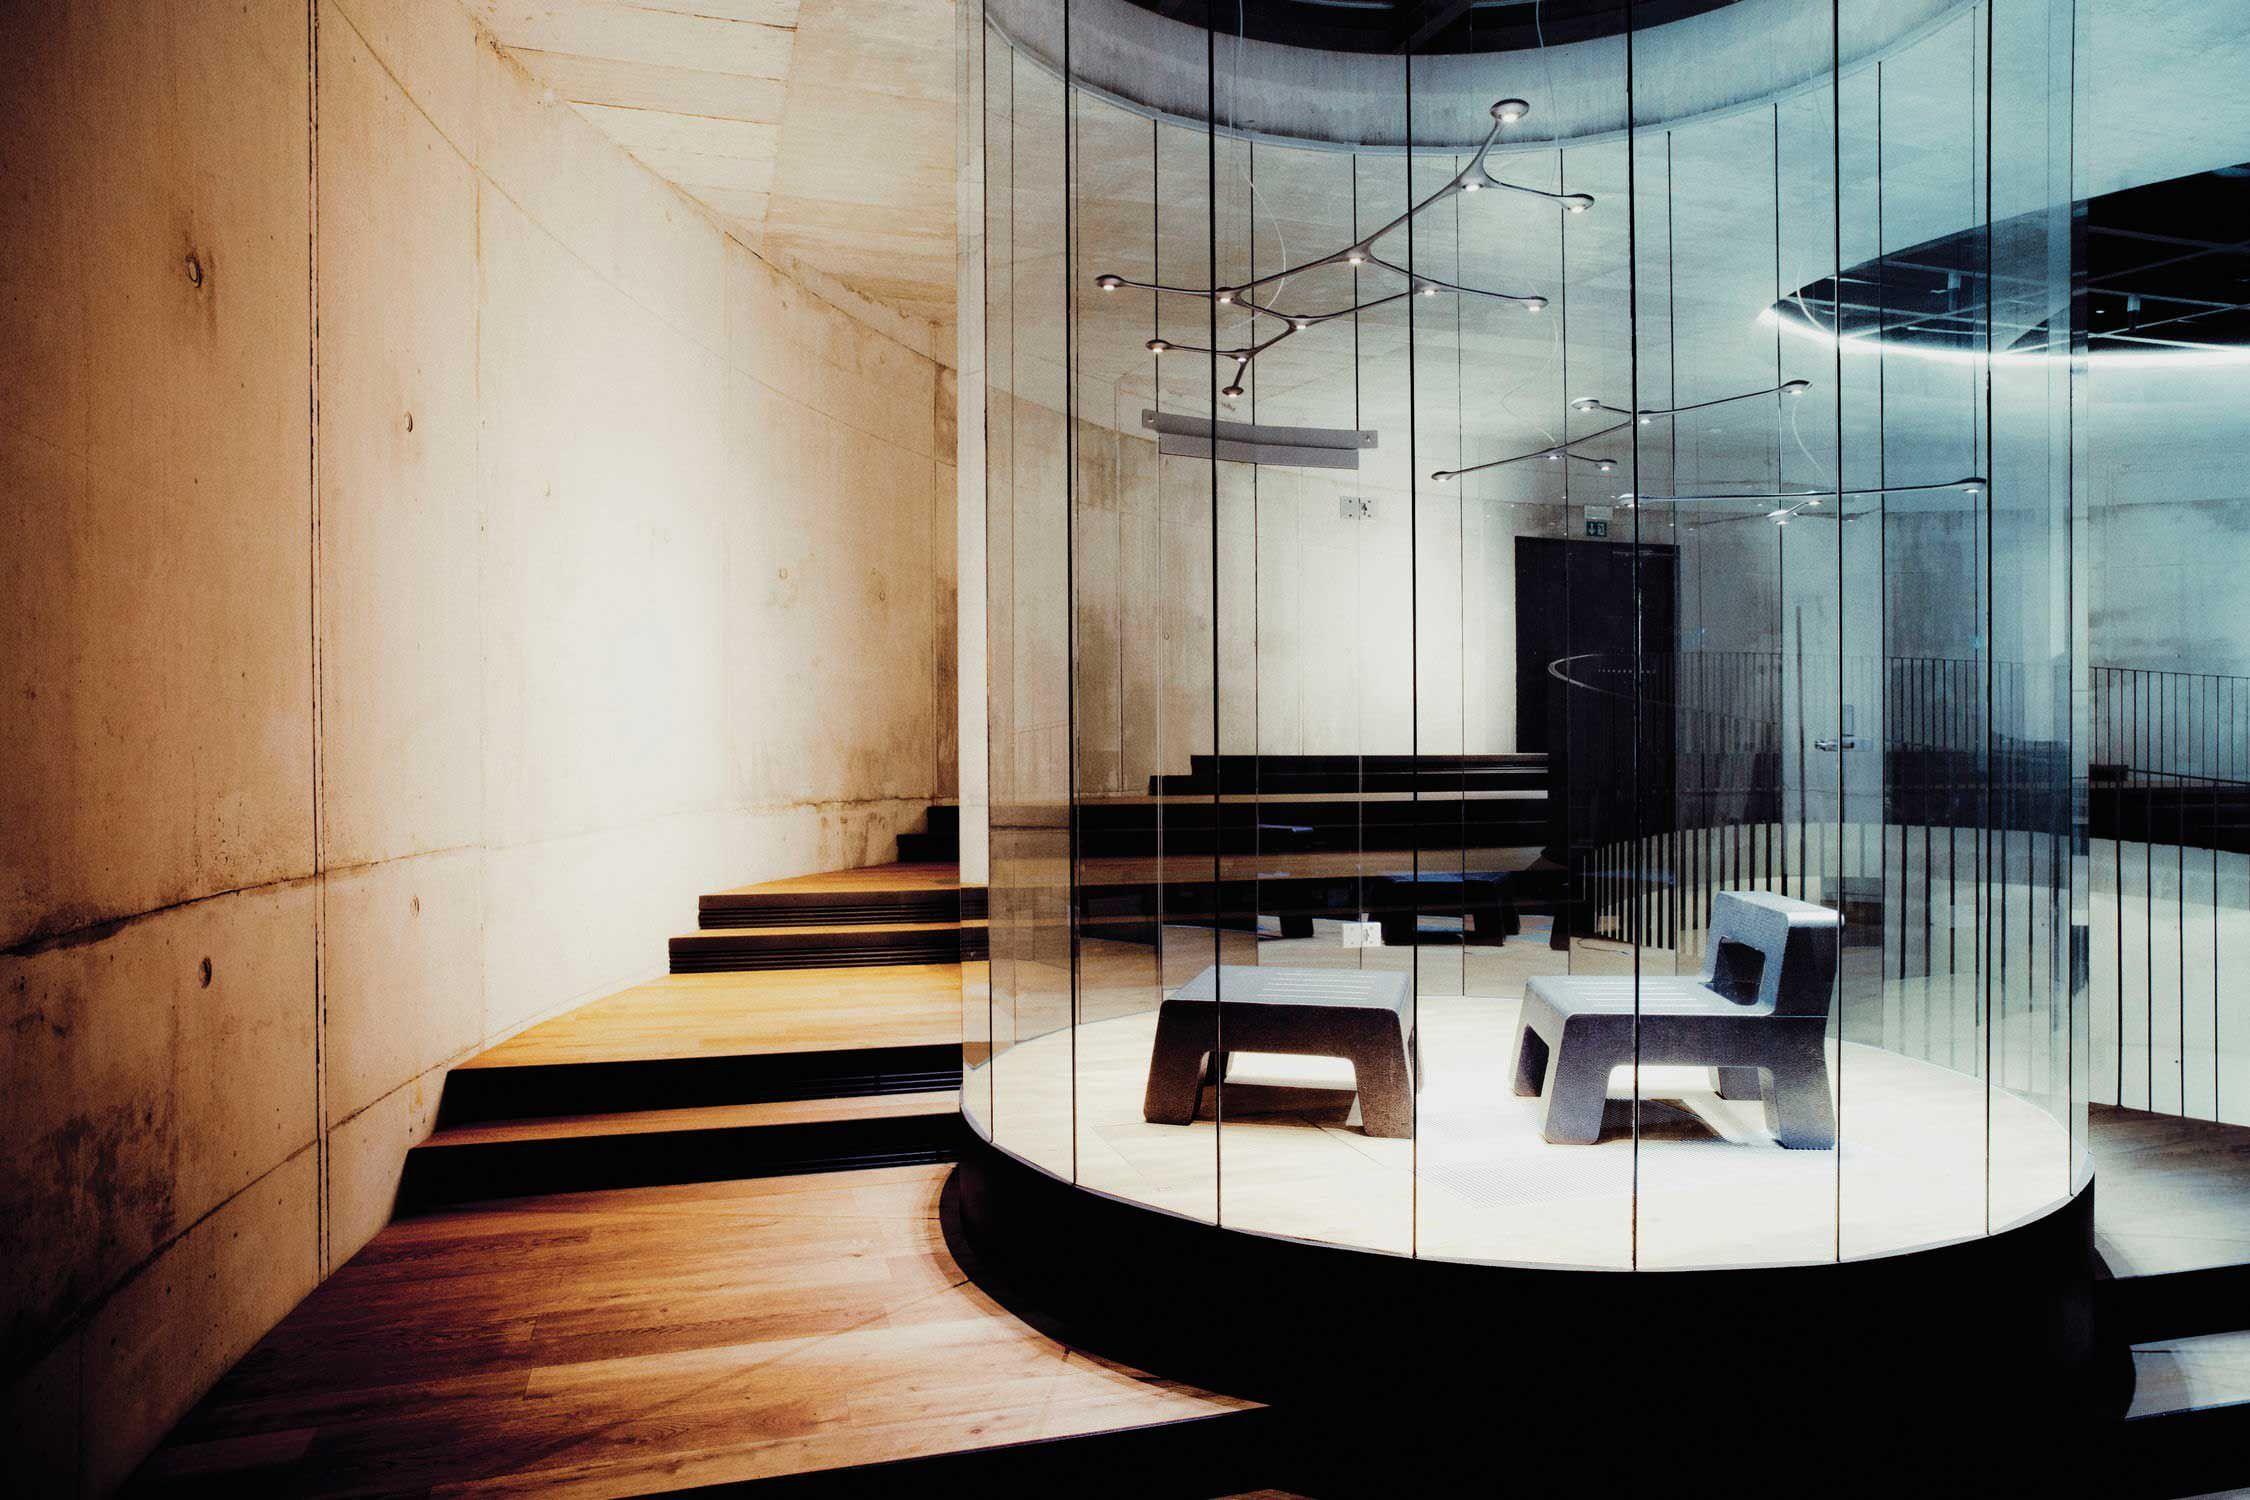 Stilvolle Erstaunlich Innenraum Design Ideen   Mehr auf unserer ...